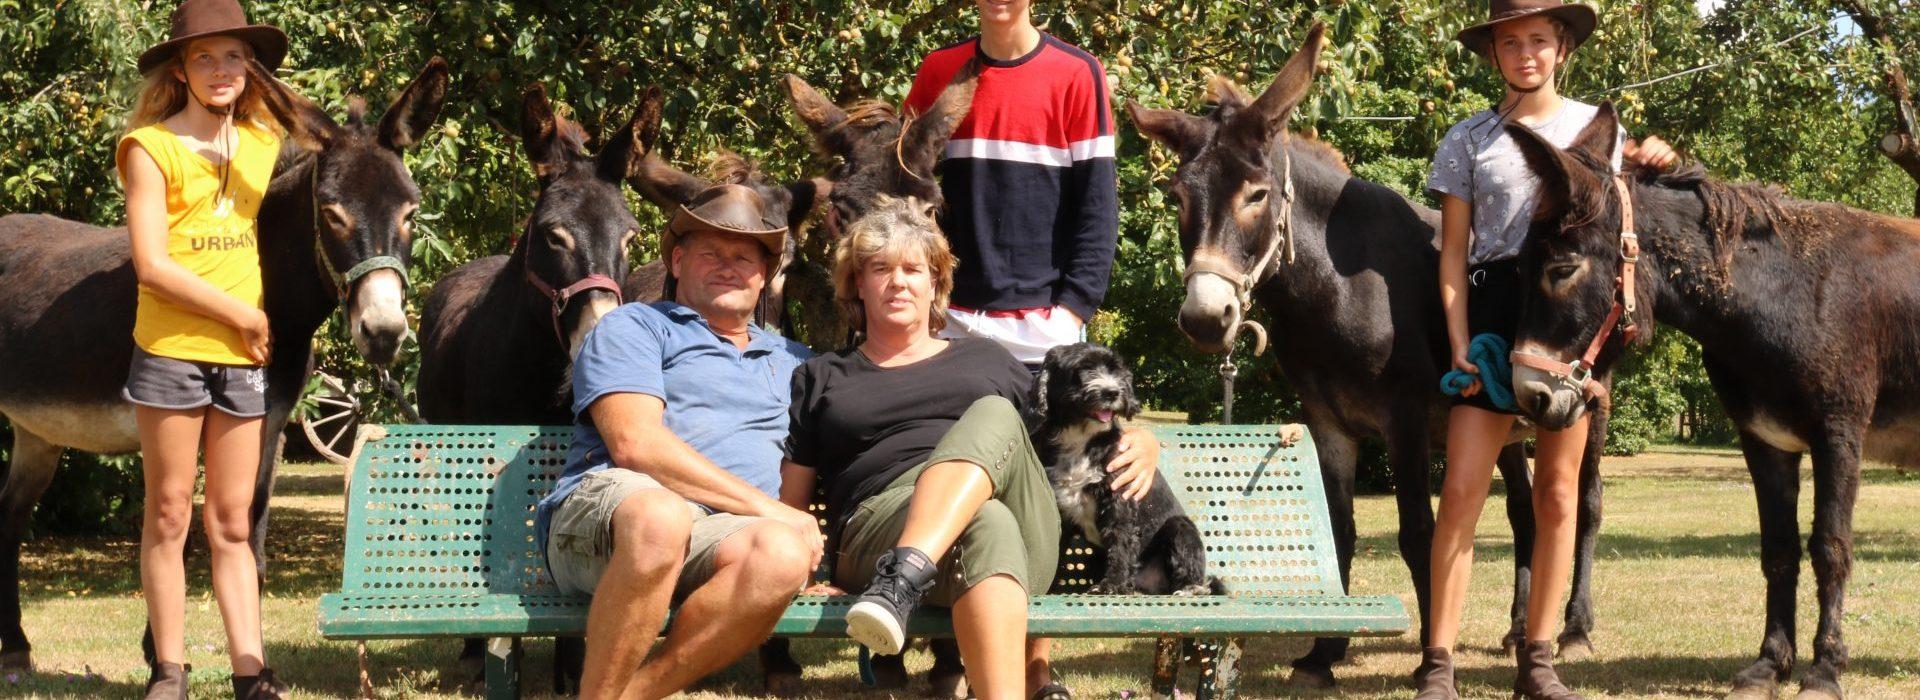 Avontuurlijk leven tussen de ezels